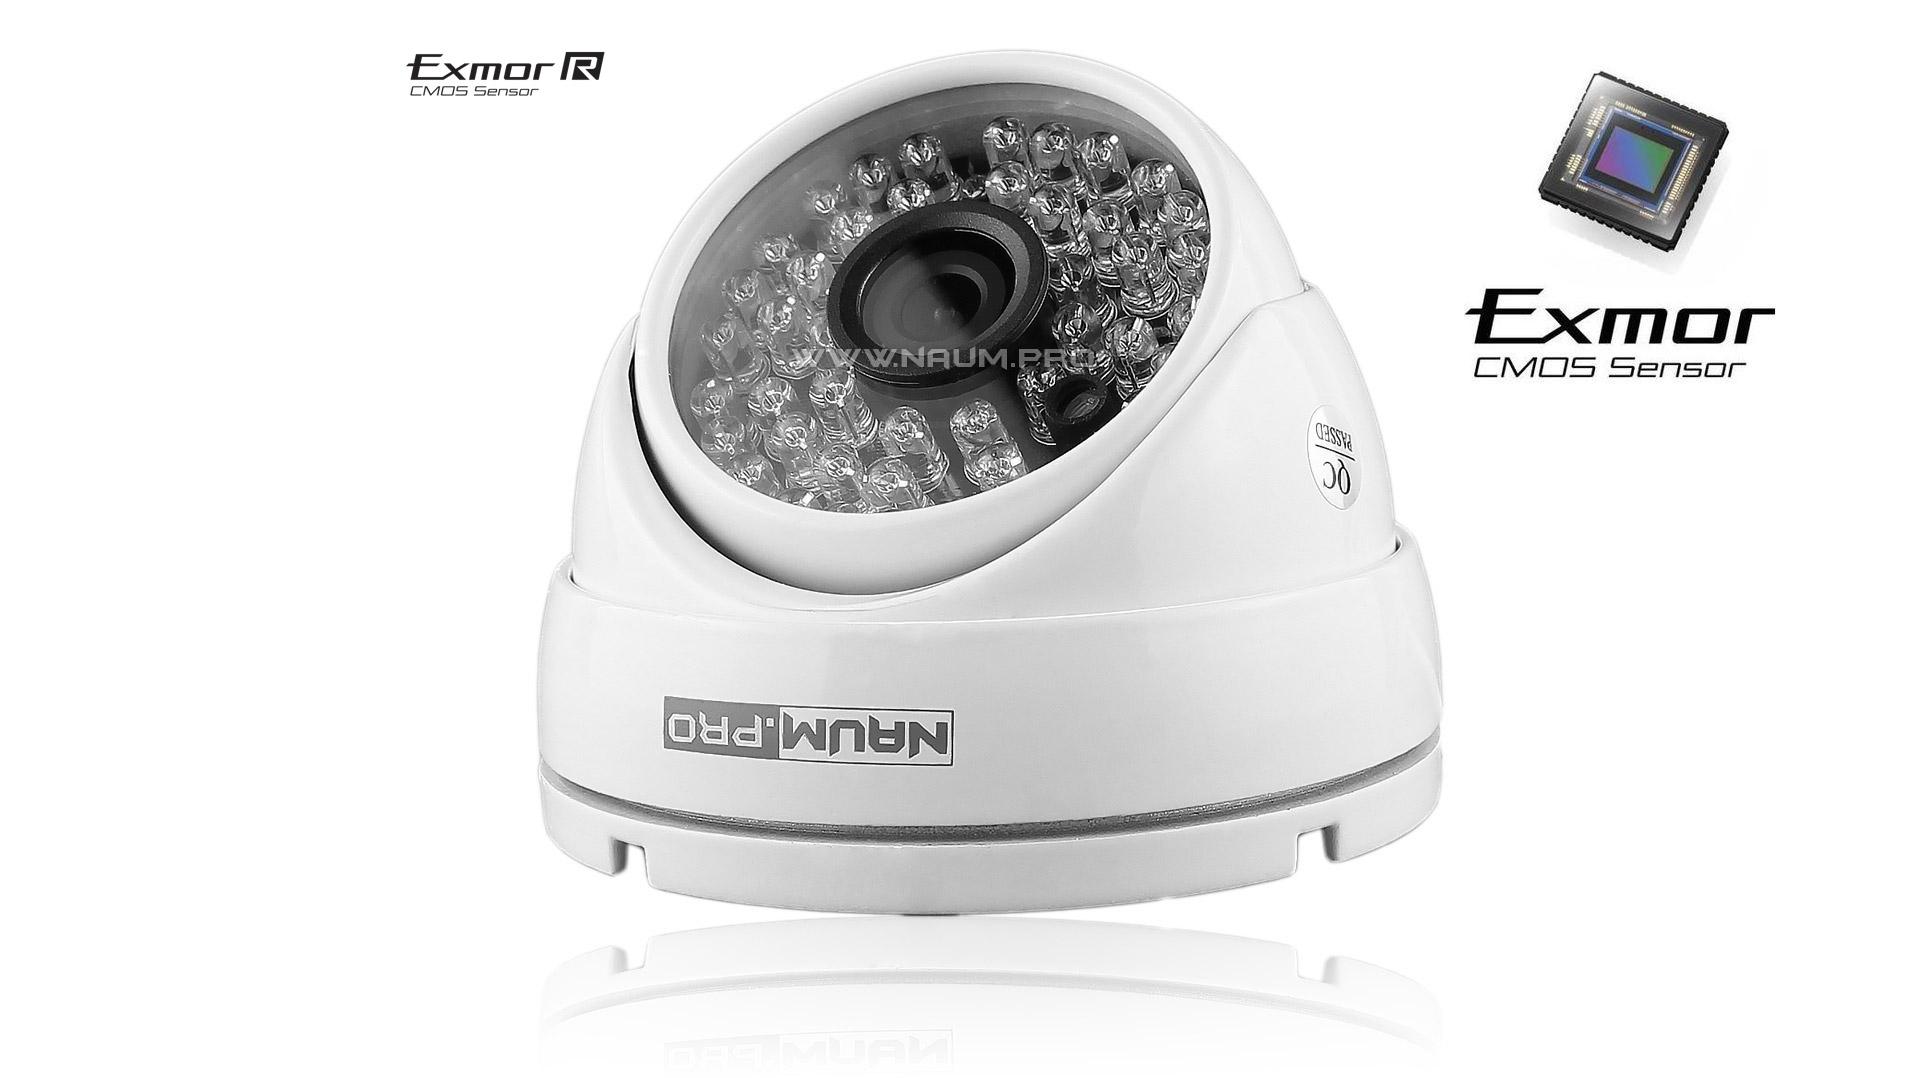 В продаже есть высококачественные FullHD-камеры Exmor imx323pro k